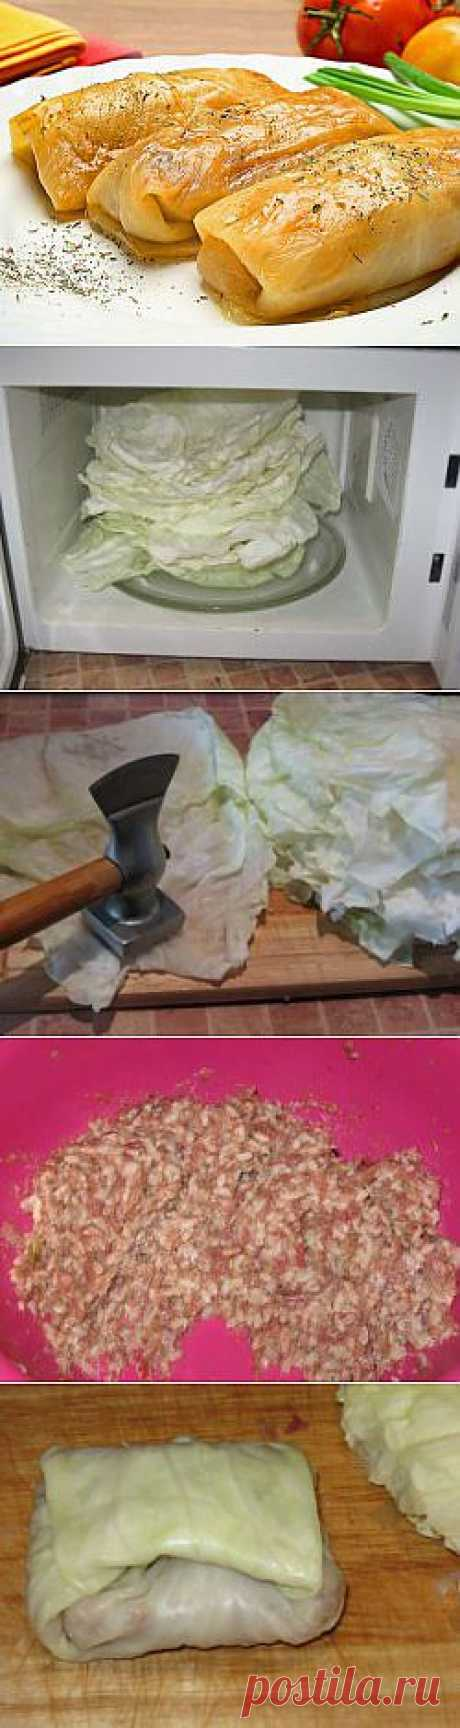 Как приготовить голубцы из капусты?